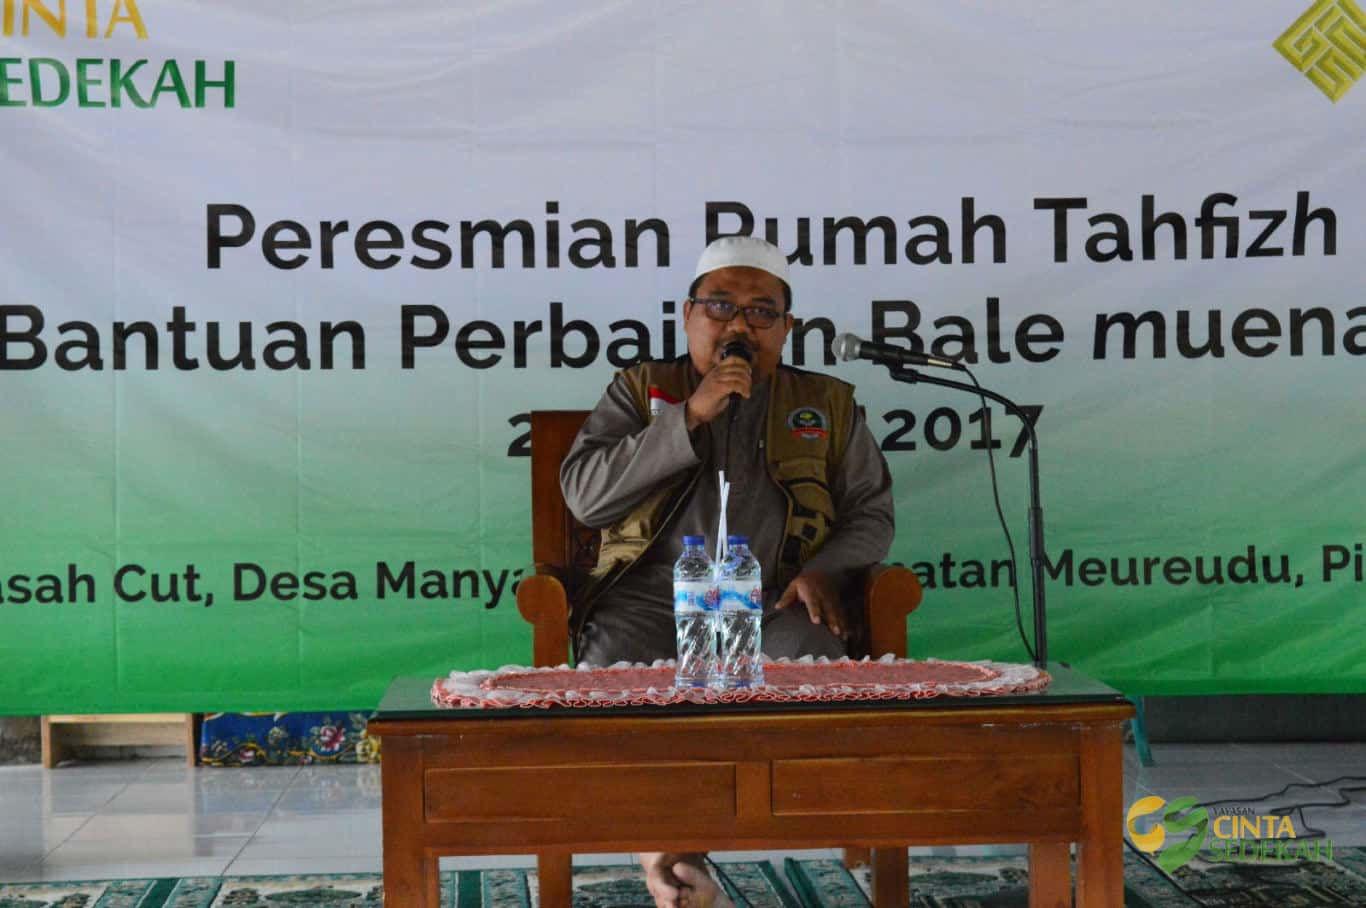 Peresmian Rumah Tahfizh di Pidie Jaya Aceh 01